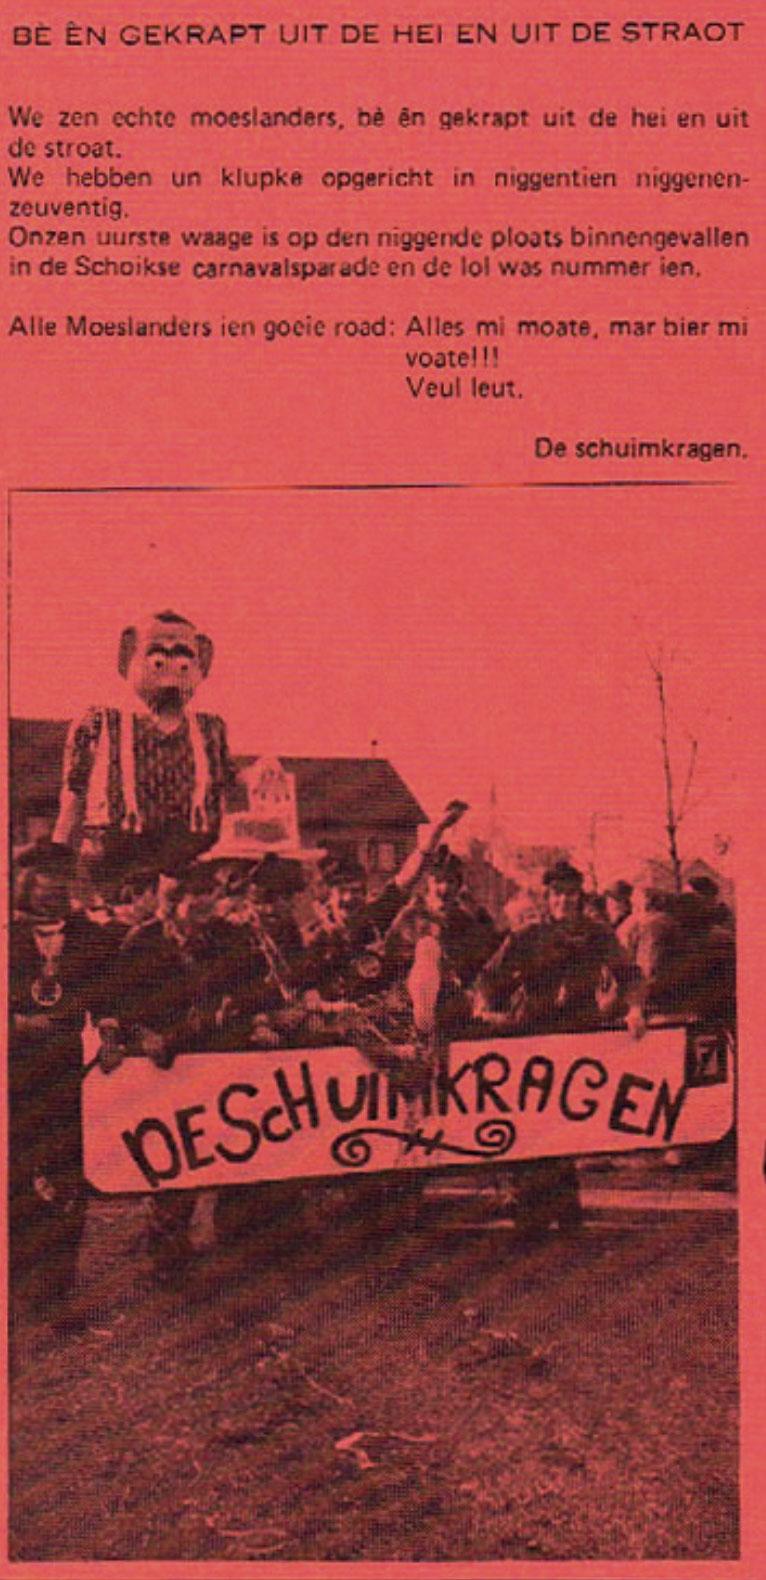 Stukje uit de carnavalskrant van de Schuimkragen - 1981